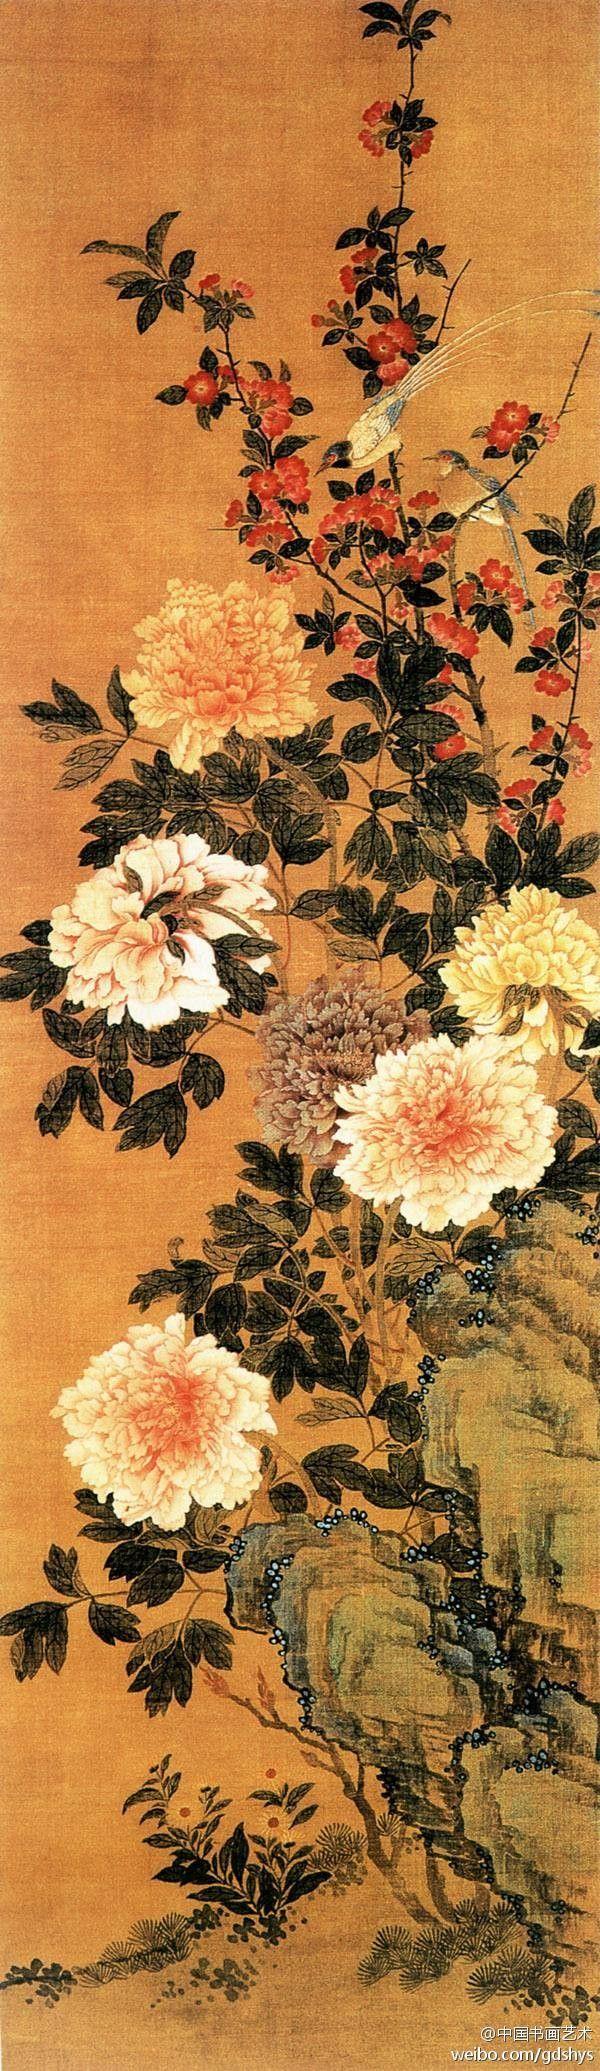 张杰《花鸟图》--- 此画中牡丹花已经盛开,高矮错落,尽显国色天香之韵味。高处的海棠花开似火,一对雉鸟一上一下停在枝上。整幅画设色考究线条流畅,充分发挥出工笔花卉刻画细致的特点。张杰,清代画家。江苏扬州人。